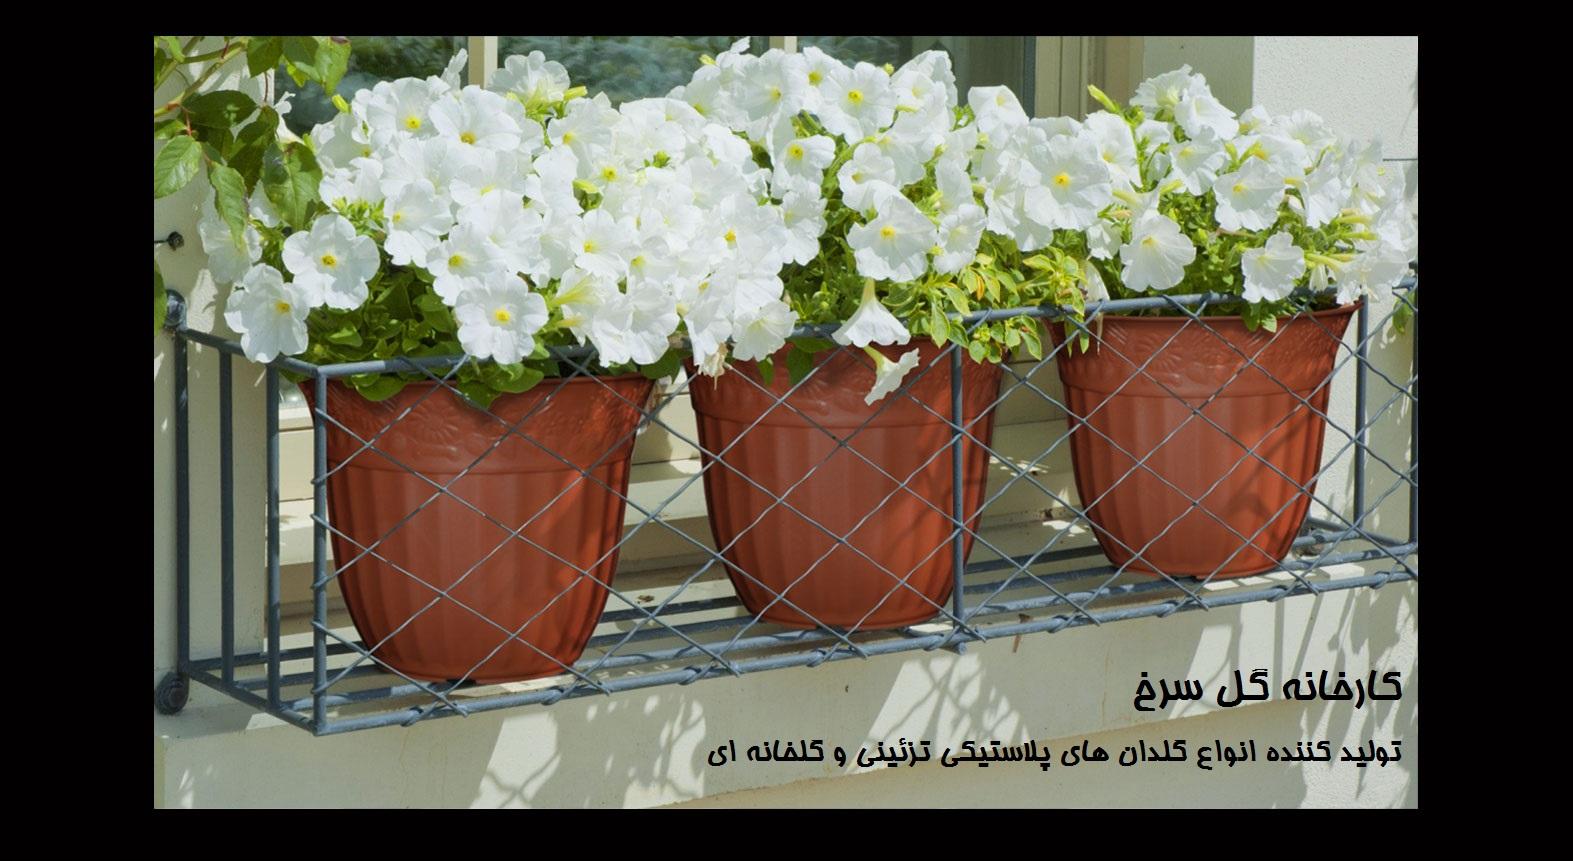 فروش گلدان پلاستیکی مستطیل